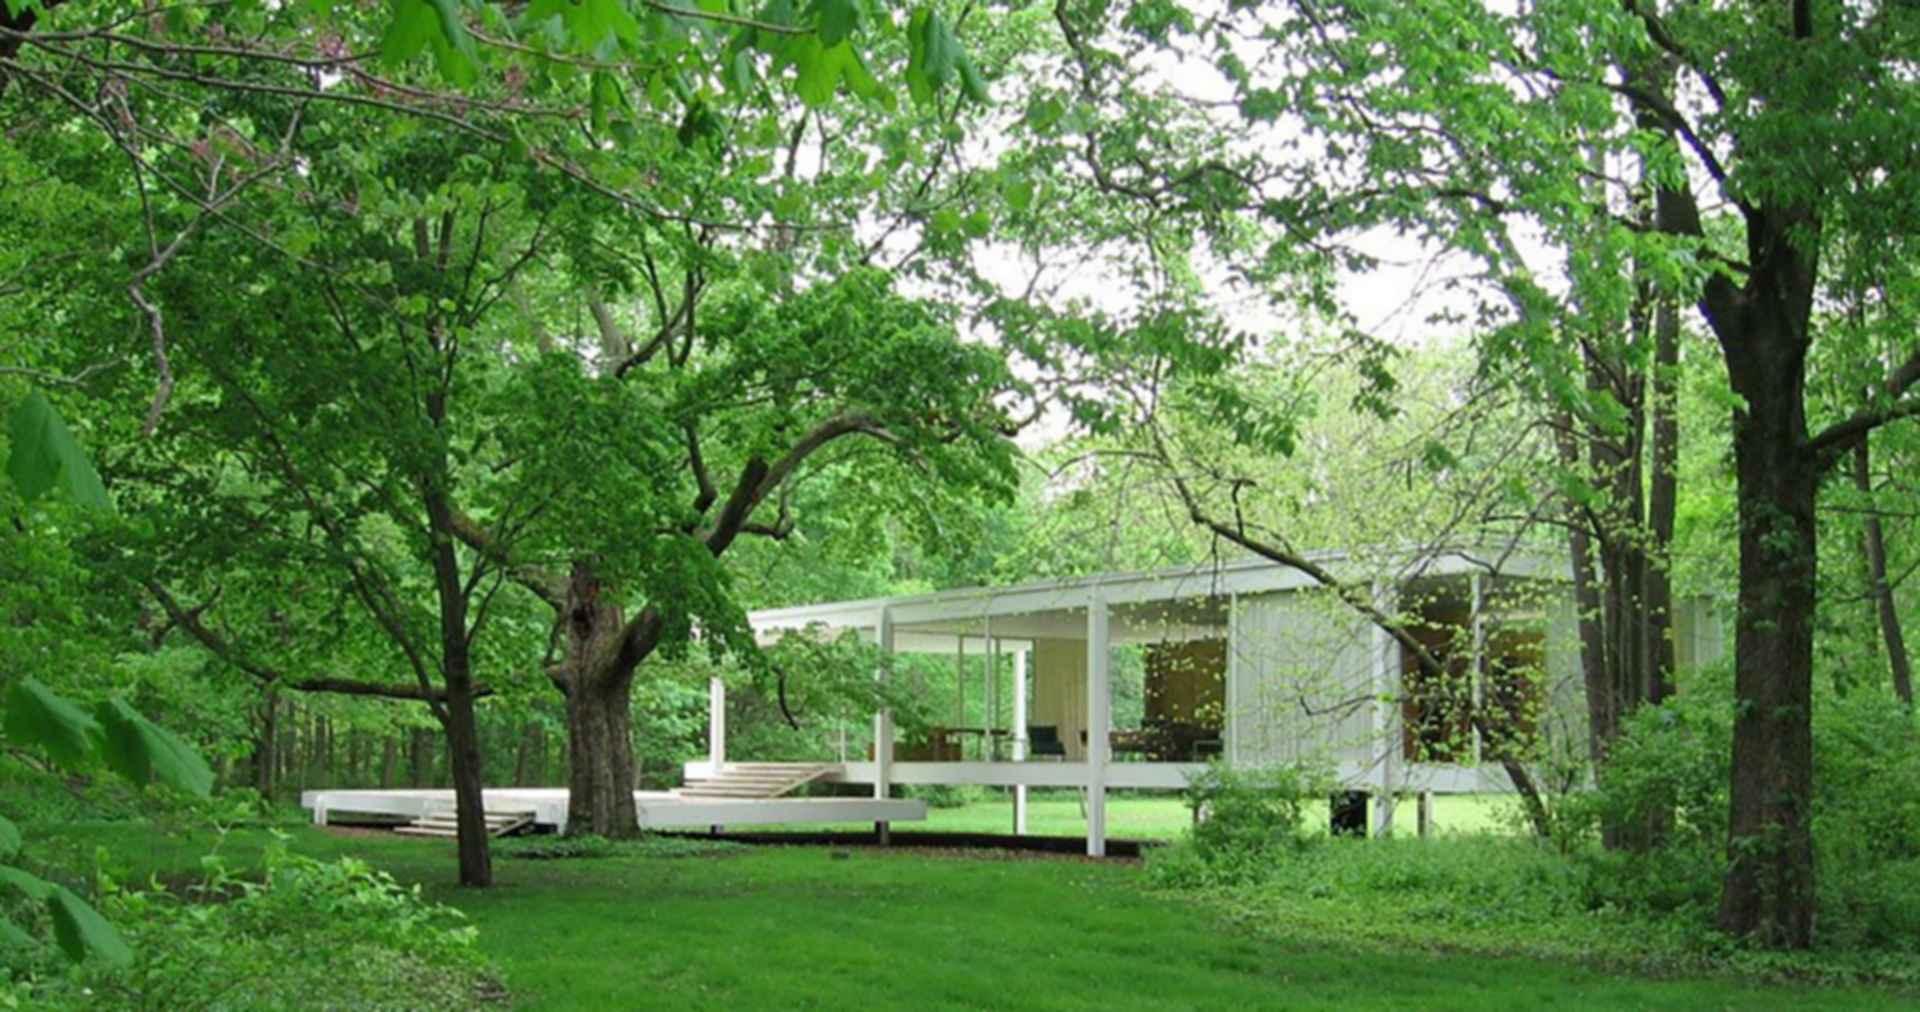 Farnsworth House - Exterior/Entrance